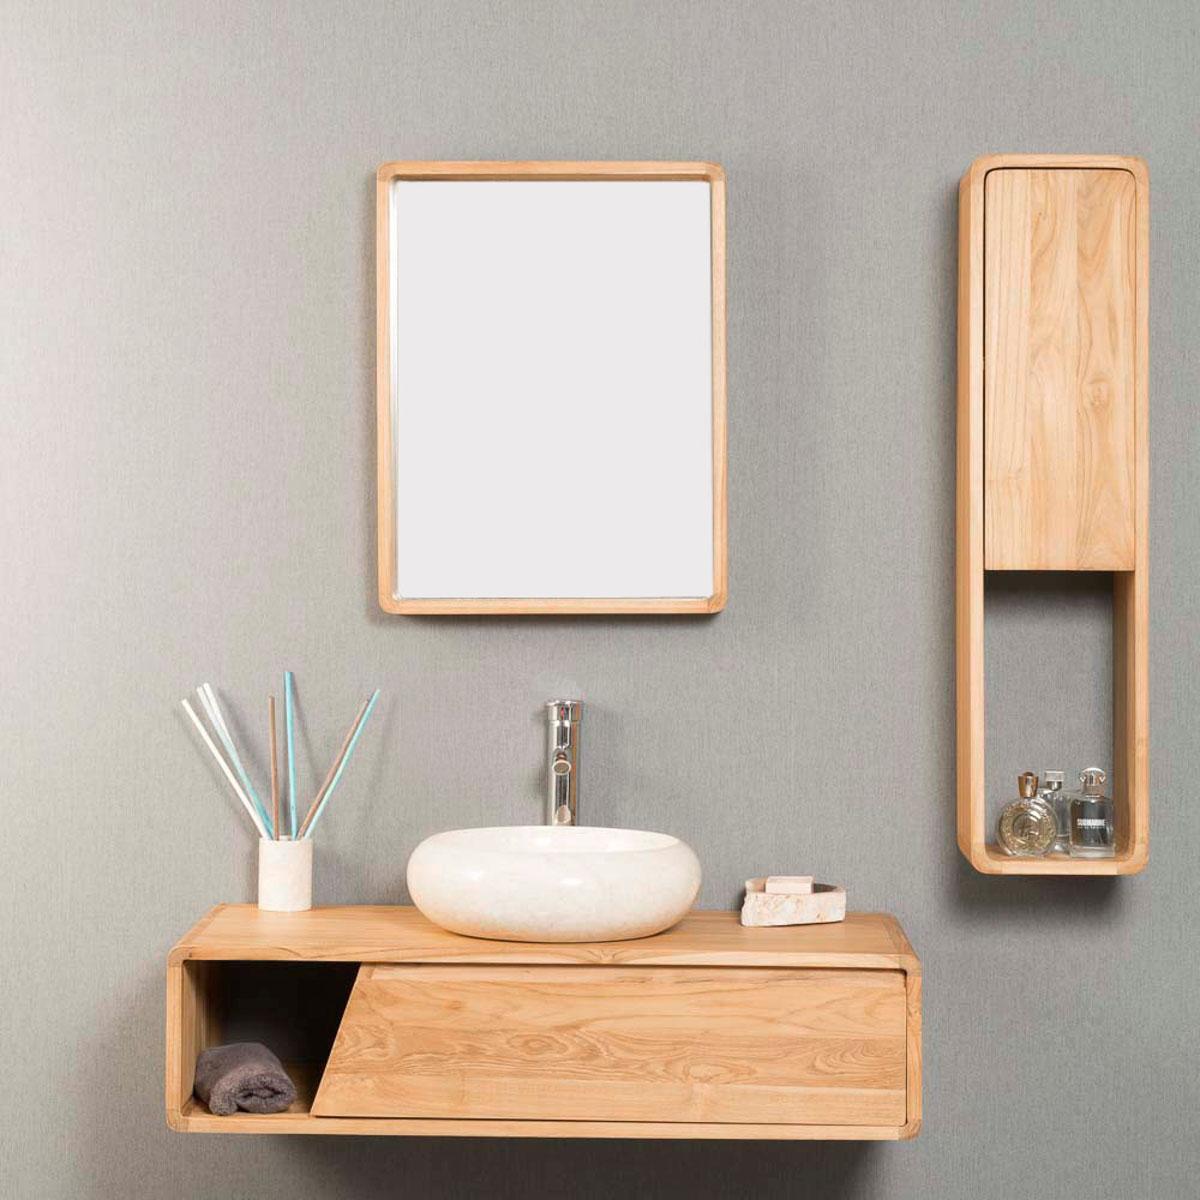 Meuble salle de bain meuble suspendu en teck milo 100 cm for Meuble salle de bain 100